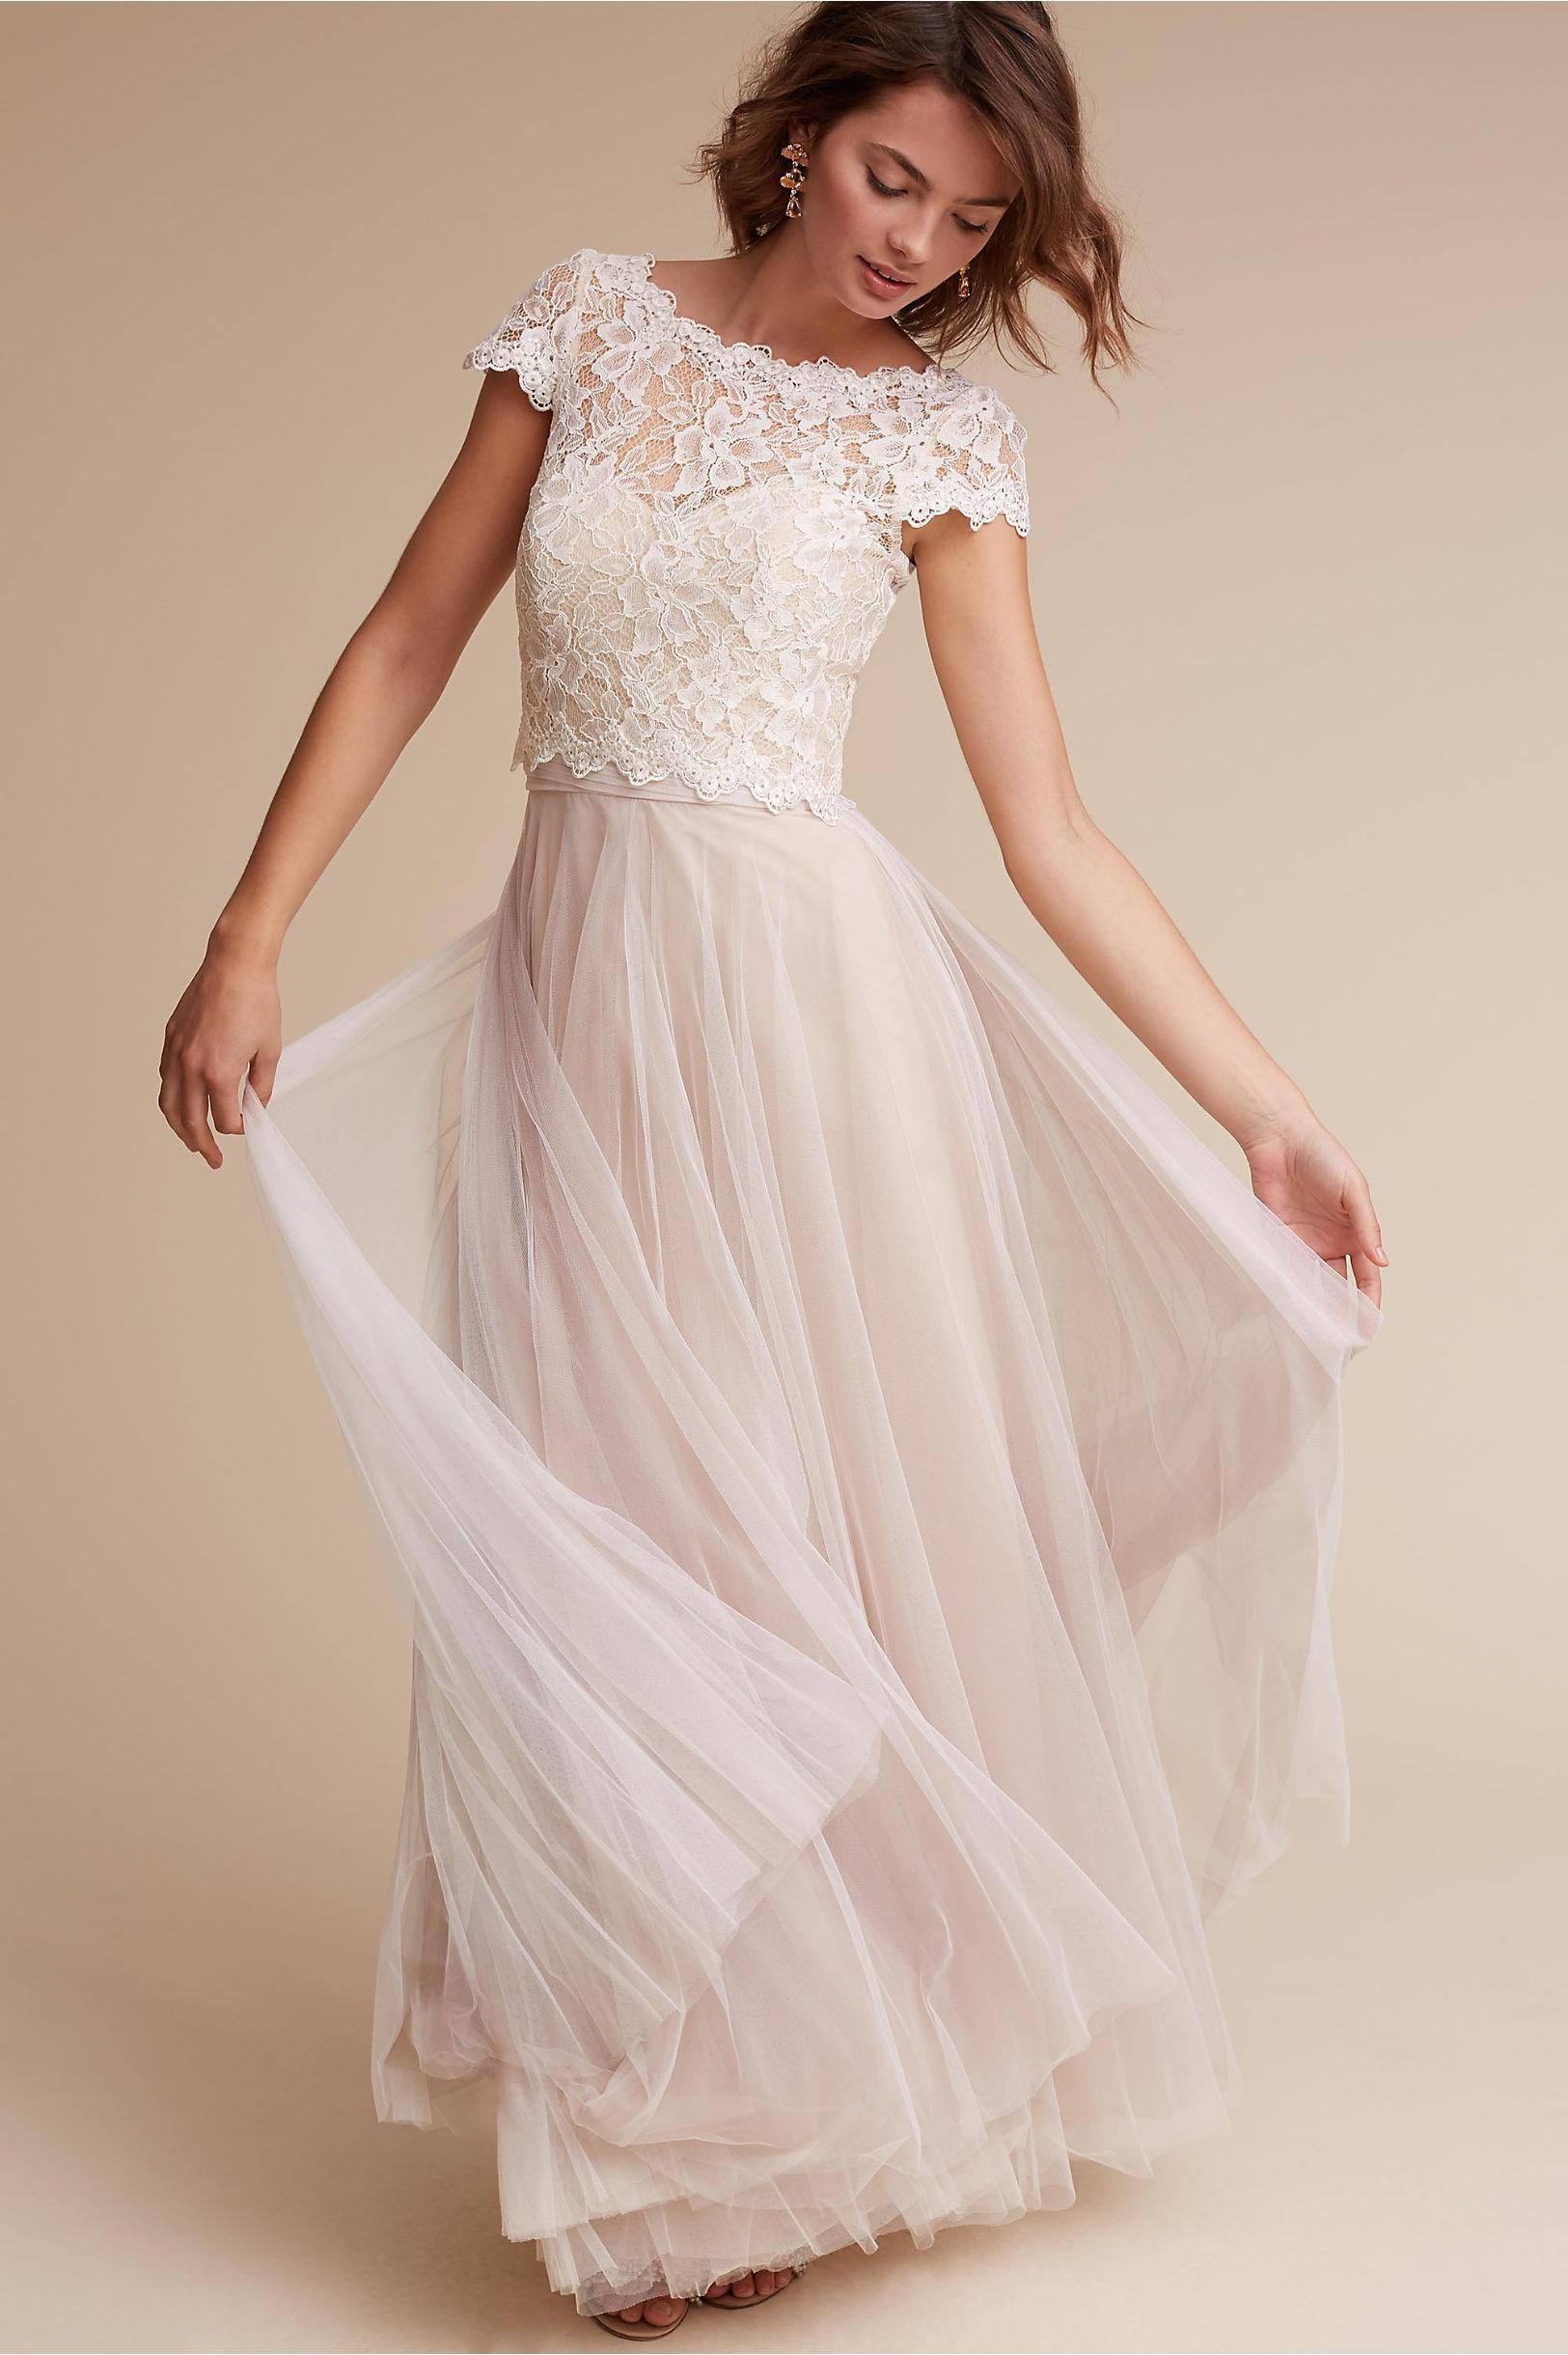 Fantastisch Abendkleider Houston Fotos - Brautkleider Ideen ...